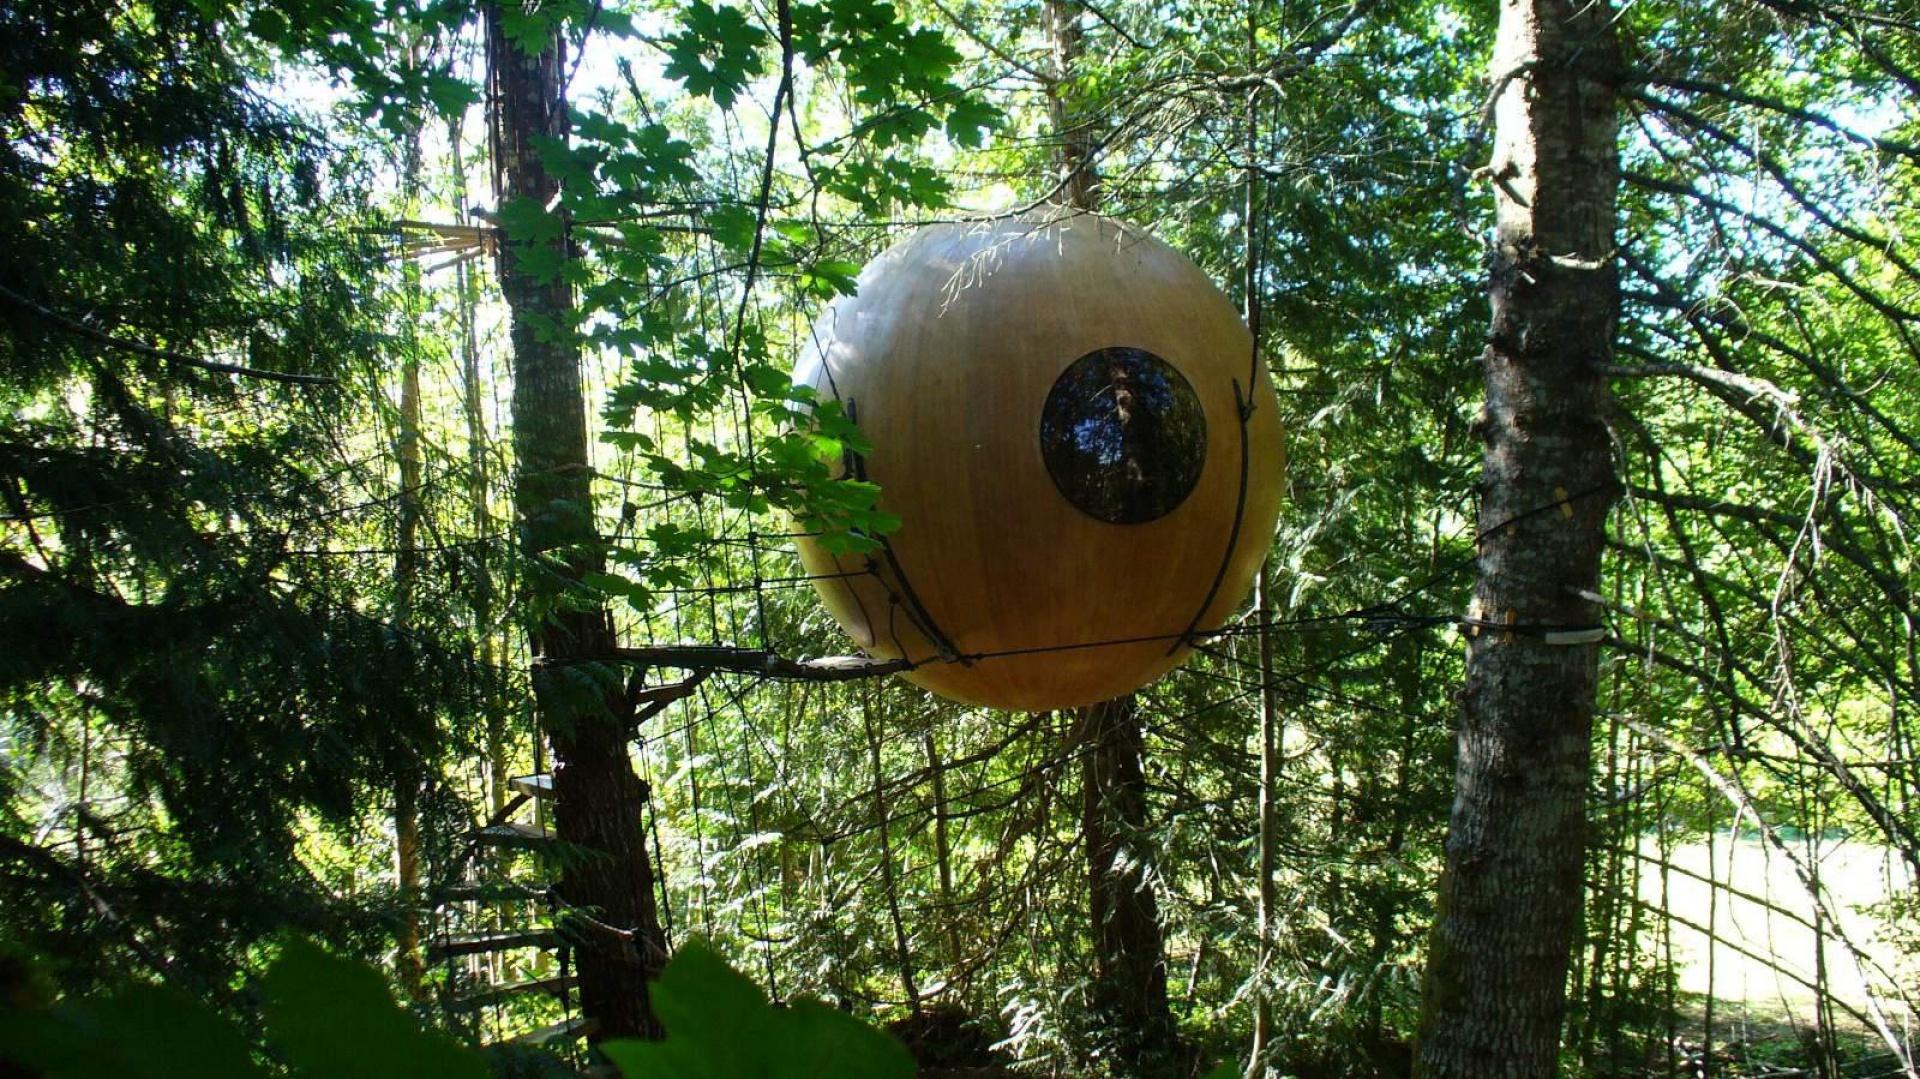 Free Spirit Spheres to niezwykłe konstrukcje nadrzewne do wynajęcia w lesie deszczowym okolic Vancouver (Kanada). Zbłąkany i szukający spokoju wędrowiec znajdzie tu luksusową samotnię tylko dla siebie. Fot. Free Spirit Spheres.